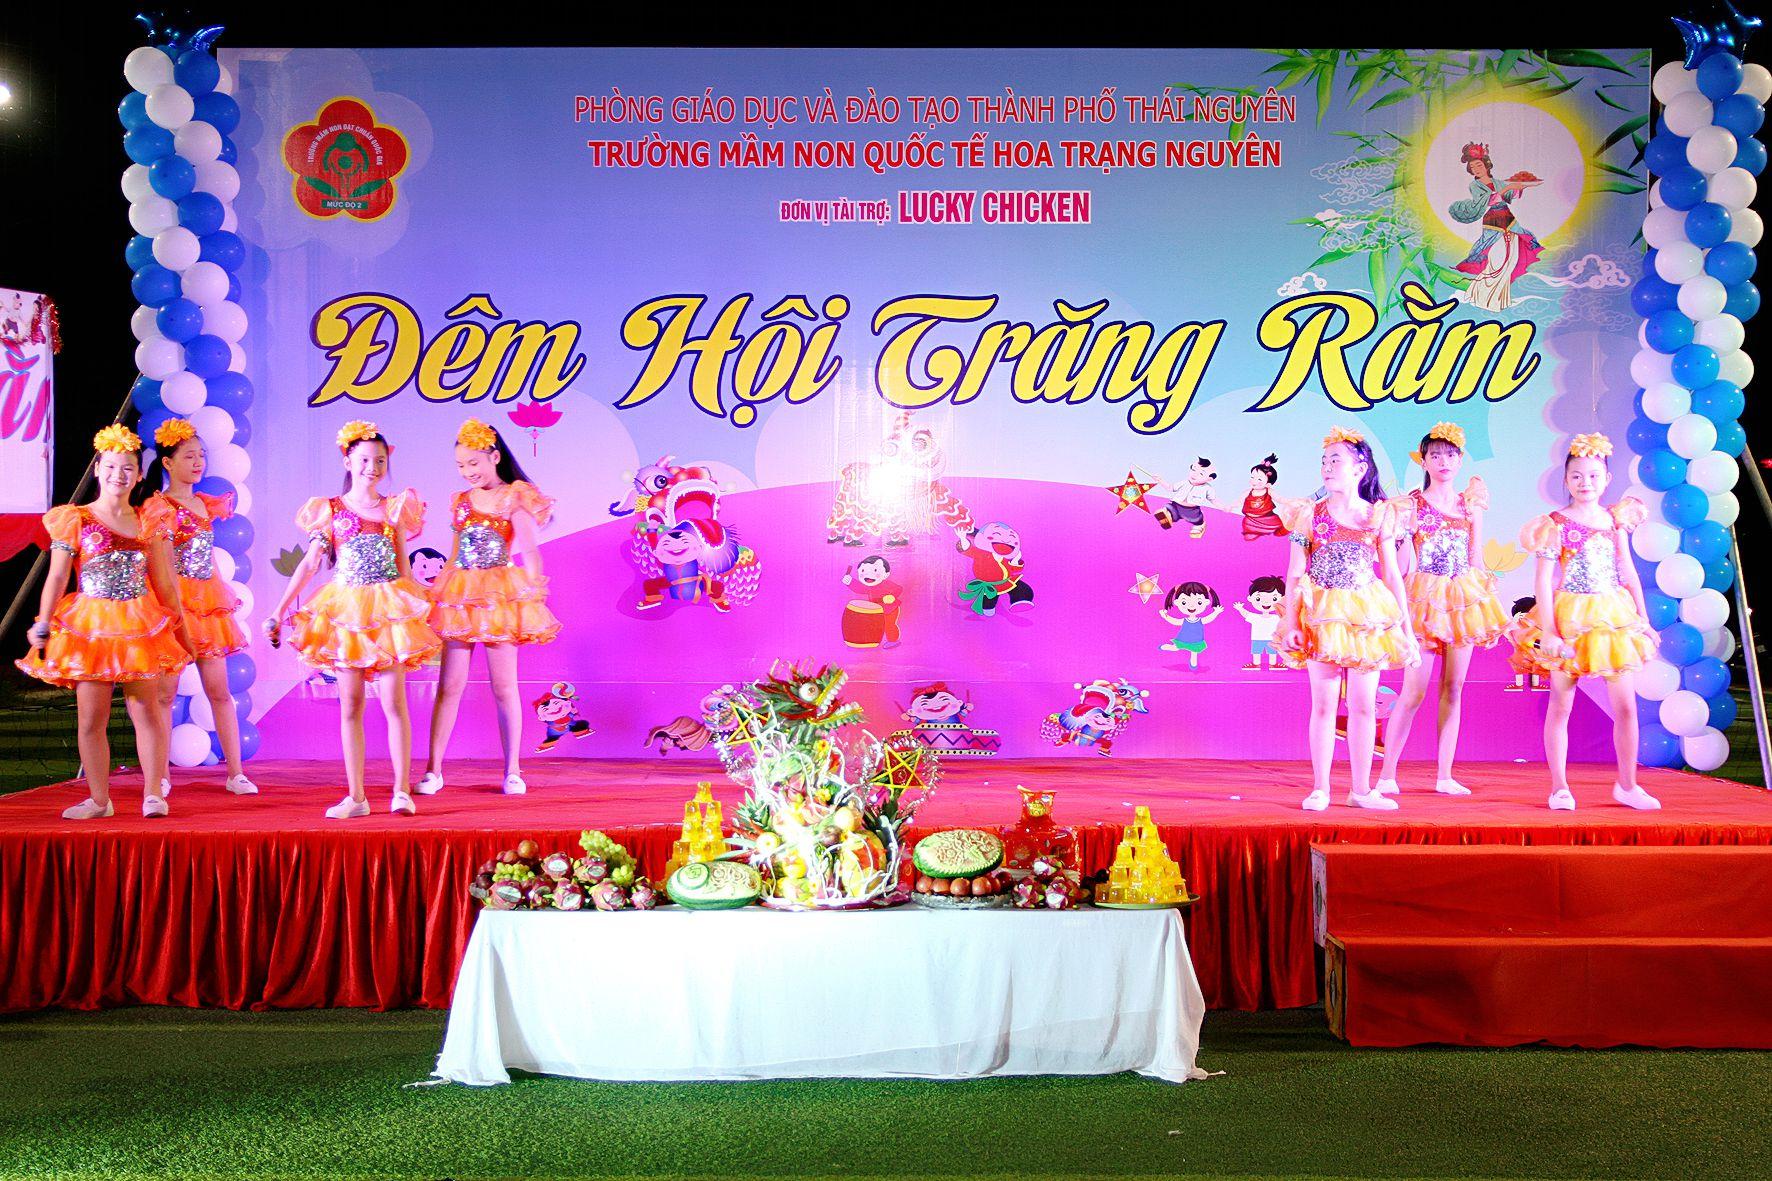 Album đêm hội Trung thu mầm non Hoa Trạng Nguyên ( phần 2 )